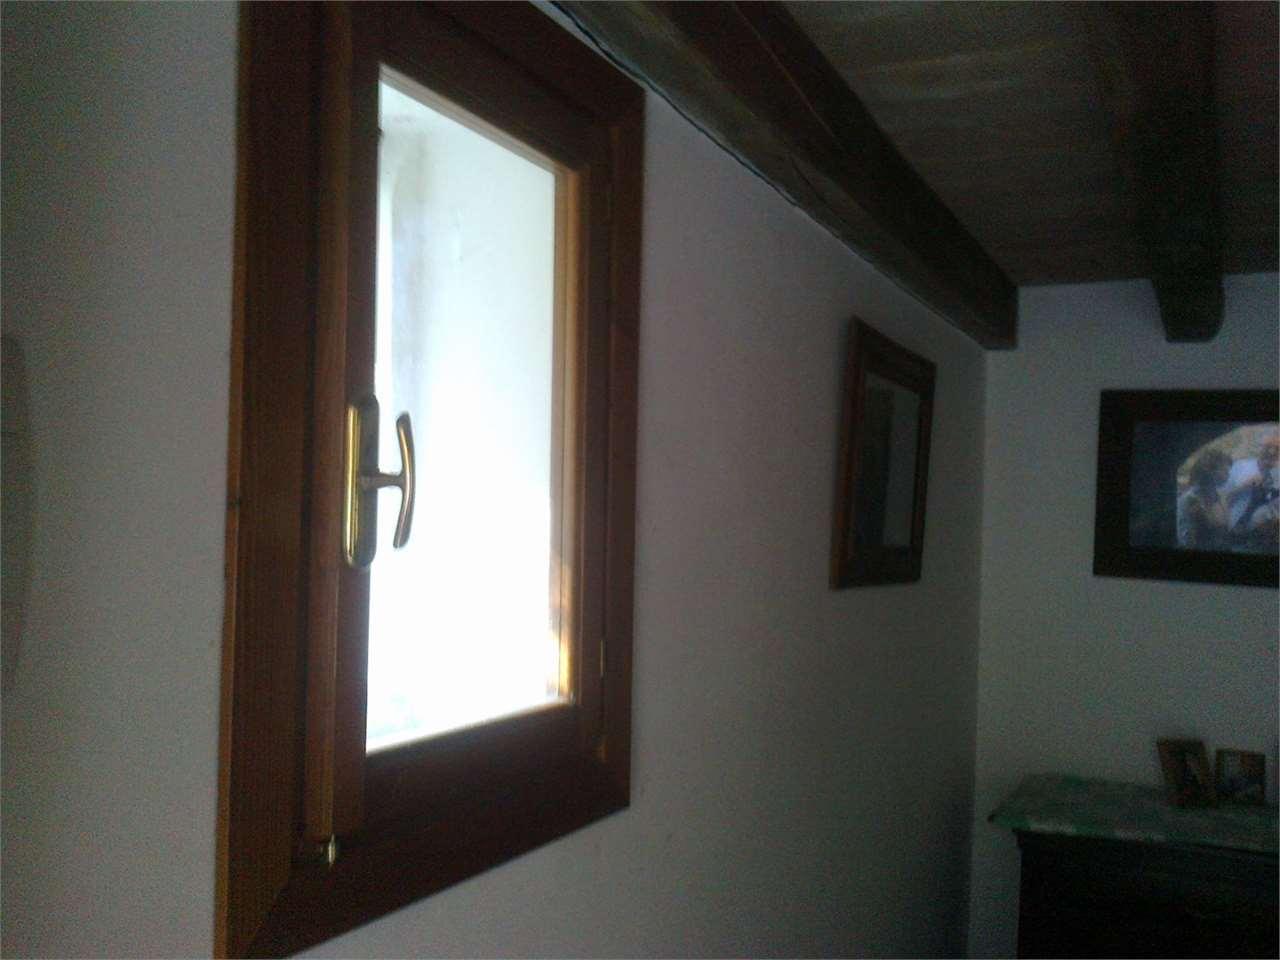 Appartamento in vendita a Bettona, 4 locali, prezzo € 98.000 | CambioCasa.it